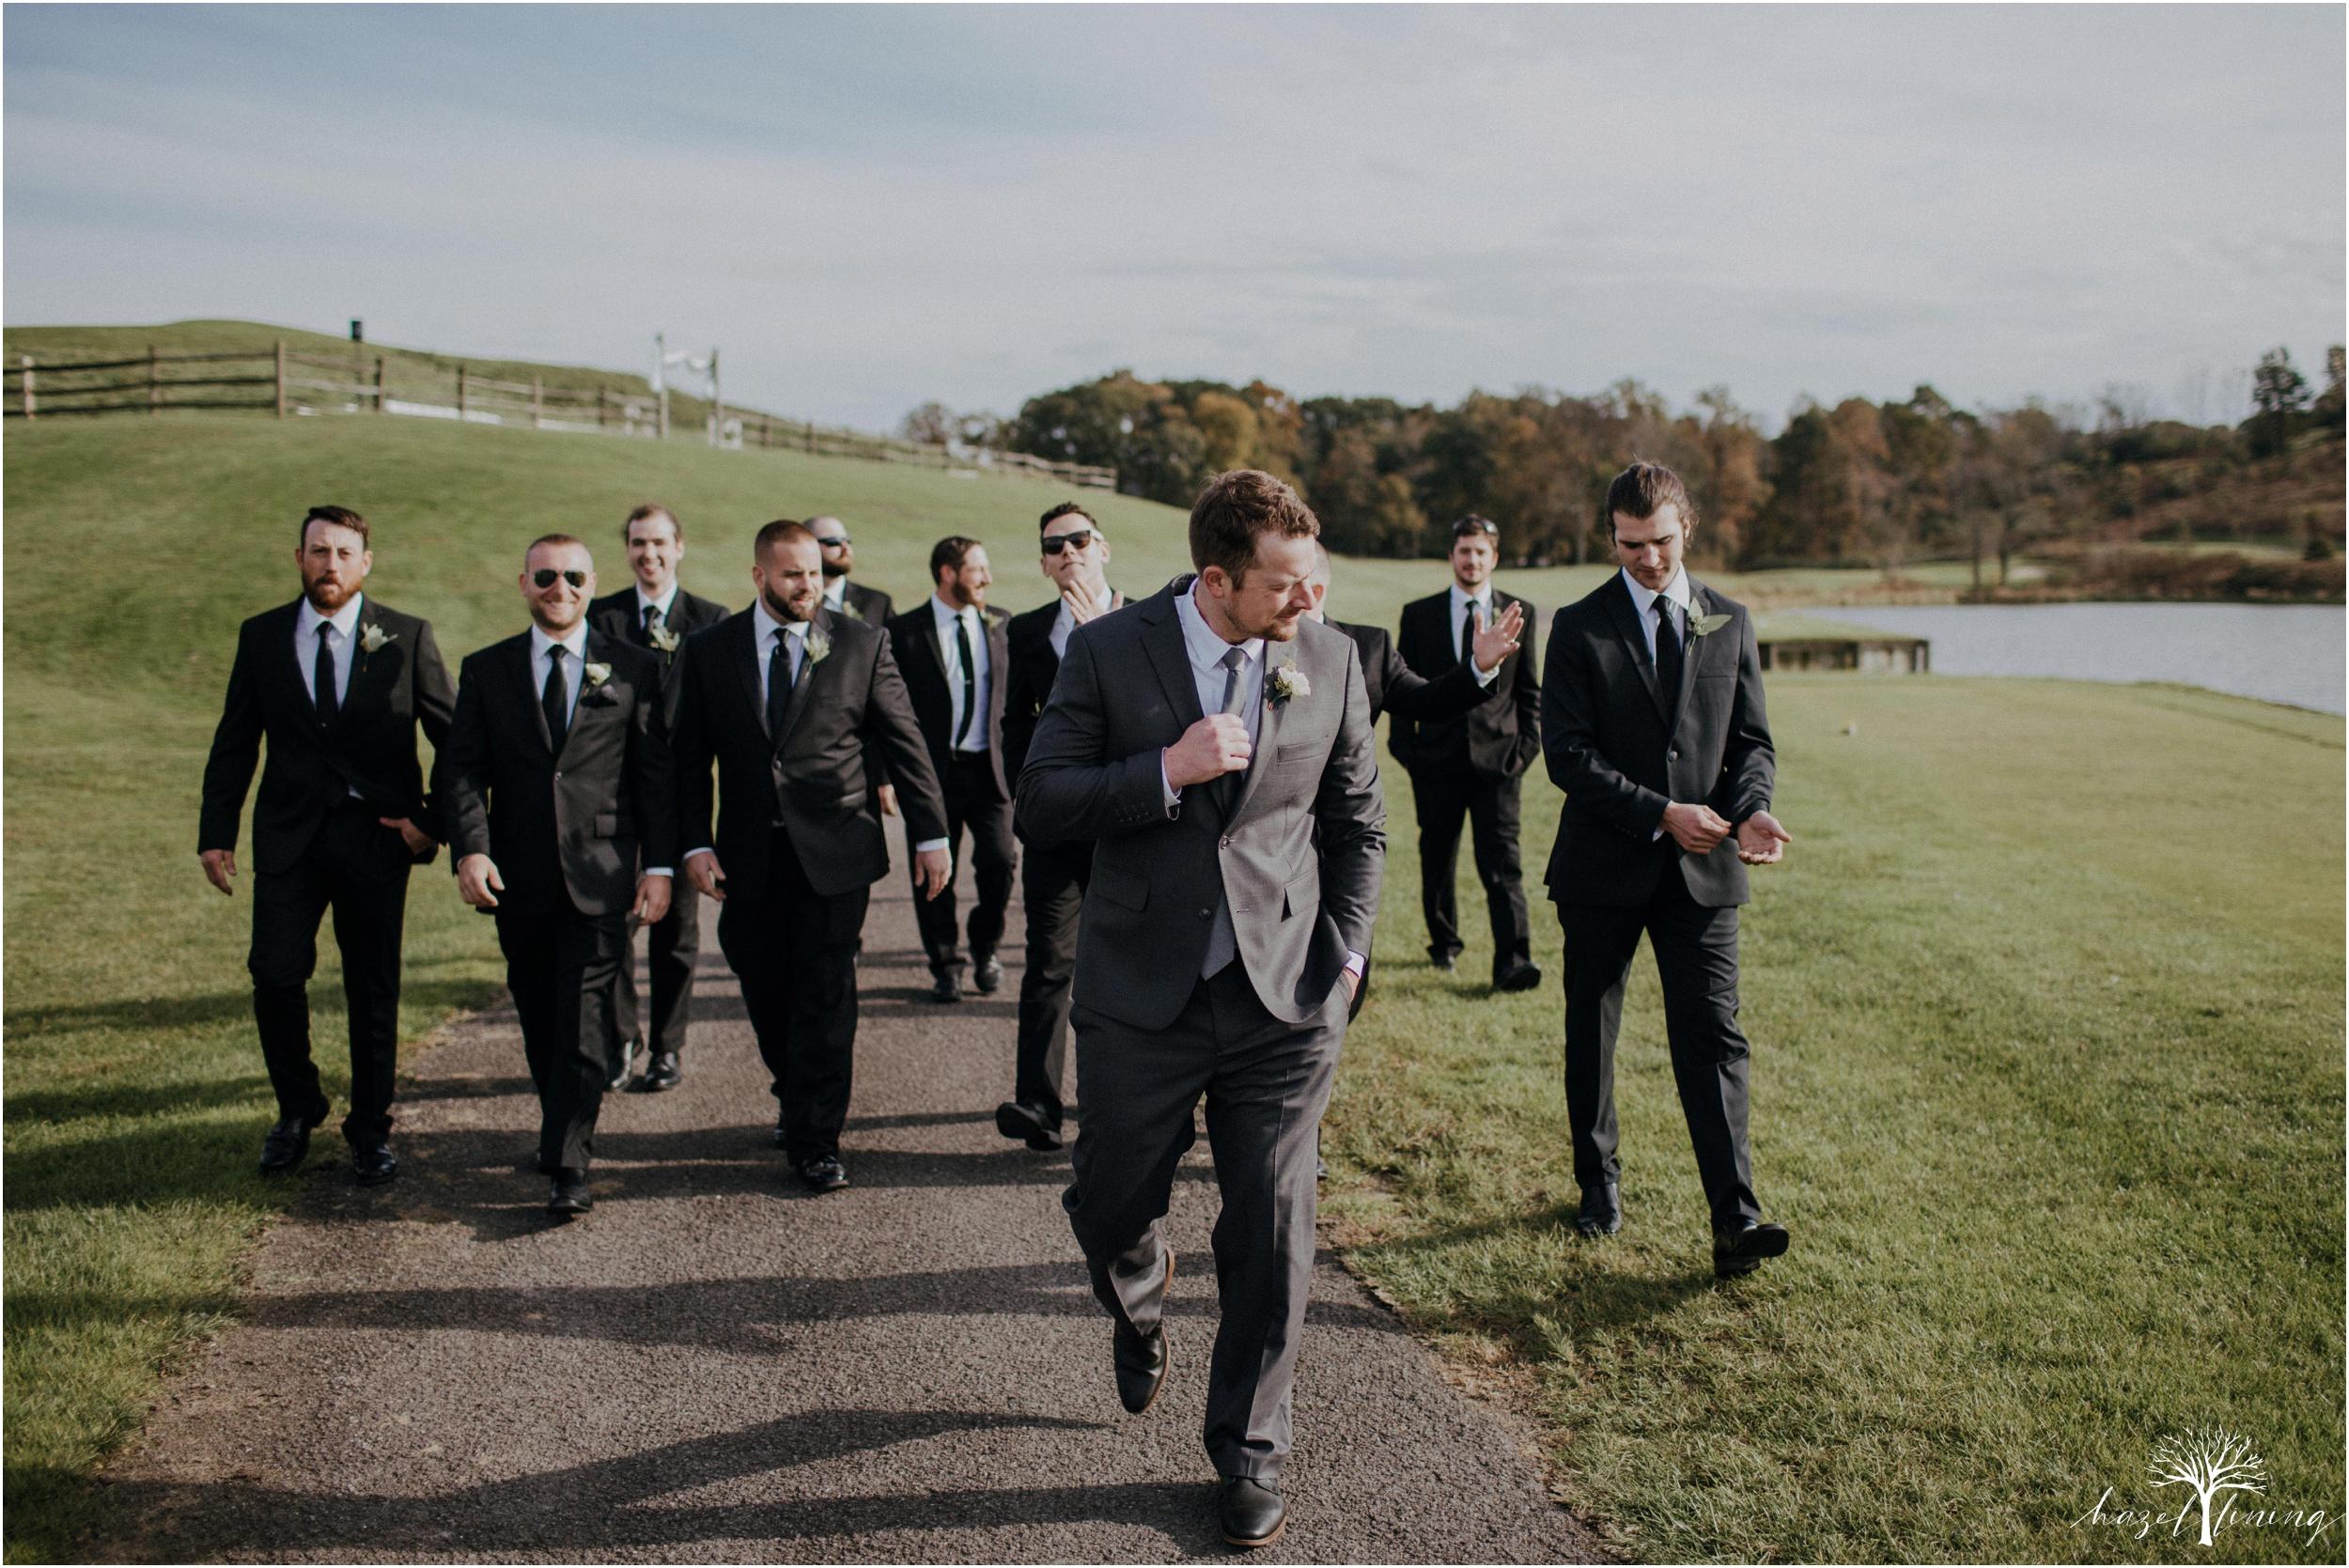 jessie-martin-zach-umlauf-olde-homestead-golfclub-outdoor-autumn-wedding_0058.jpg